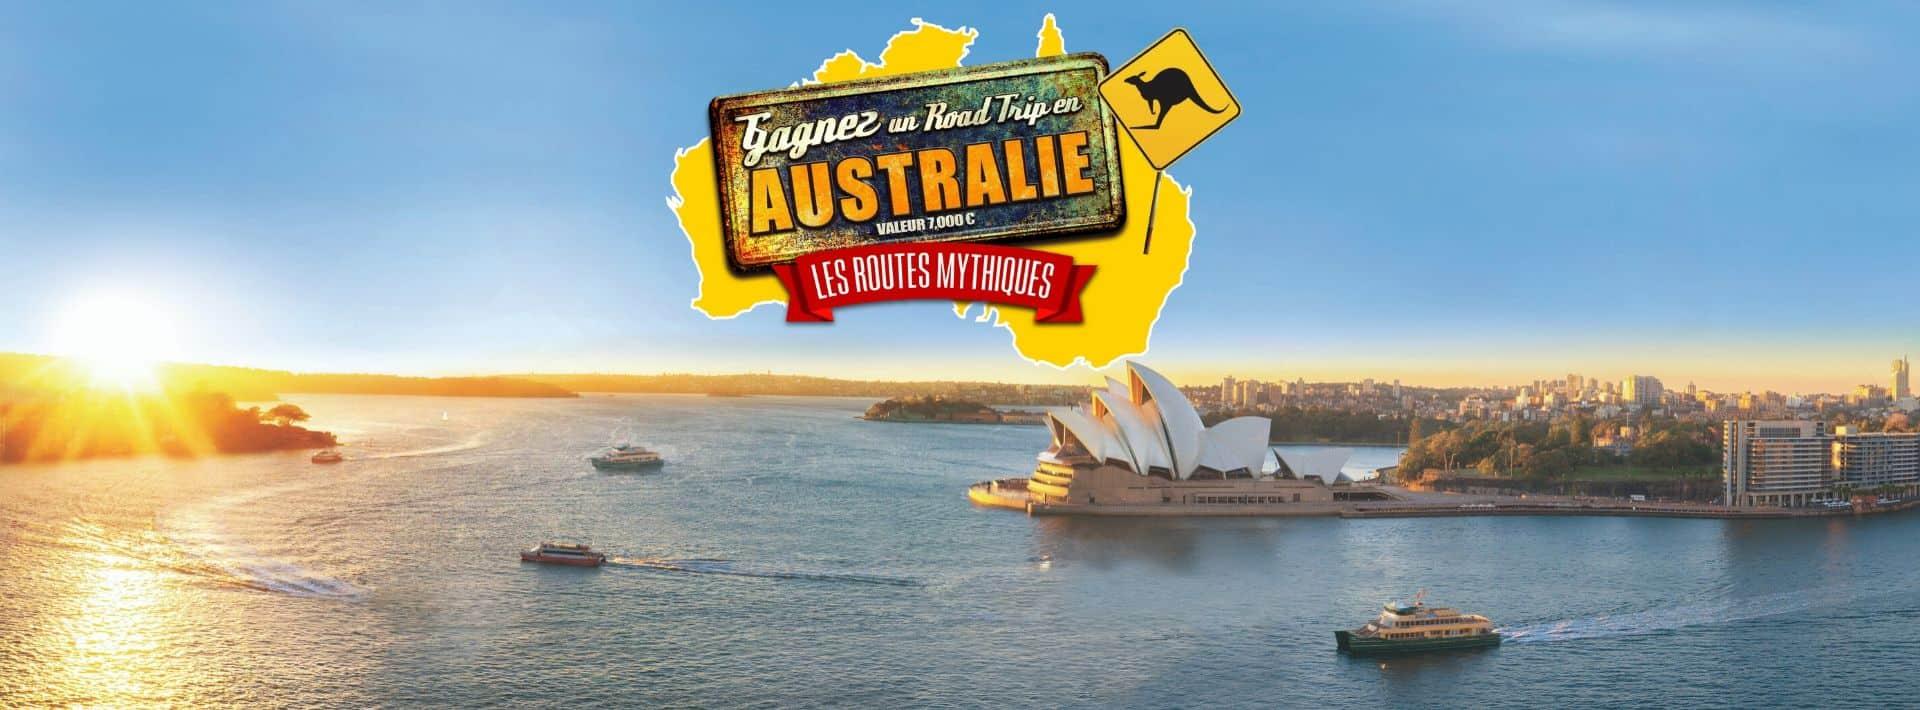 Jeu concours gagnez un road trip en Australie